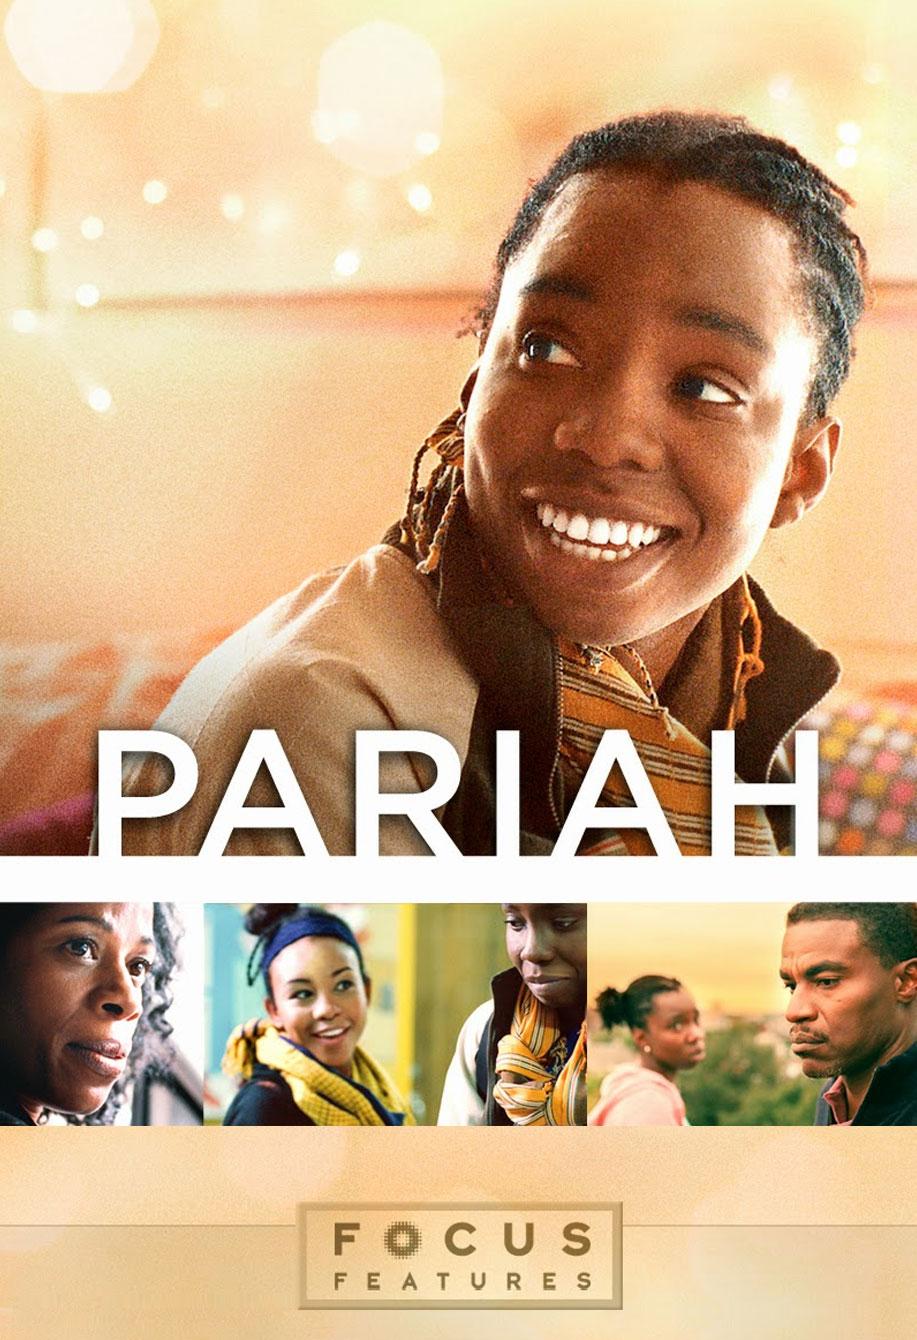 PARIAH, FOCUS FEATURES 2011 - Film, Music & Soundtrack